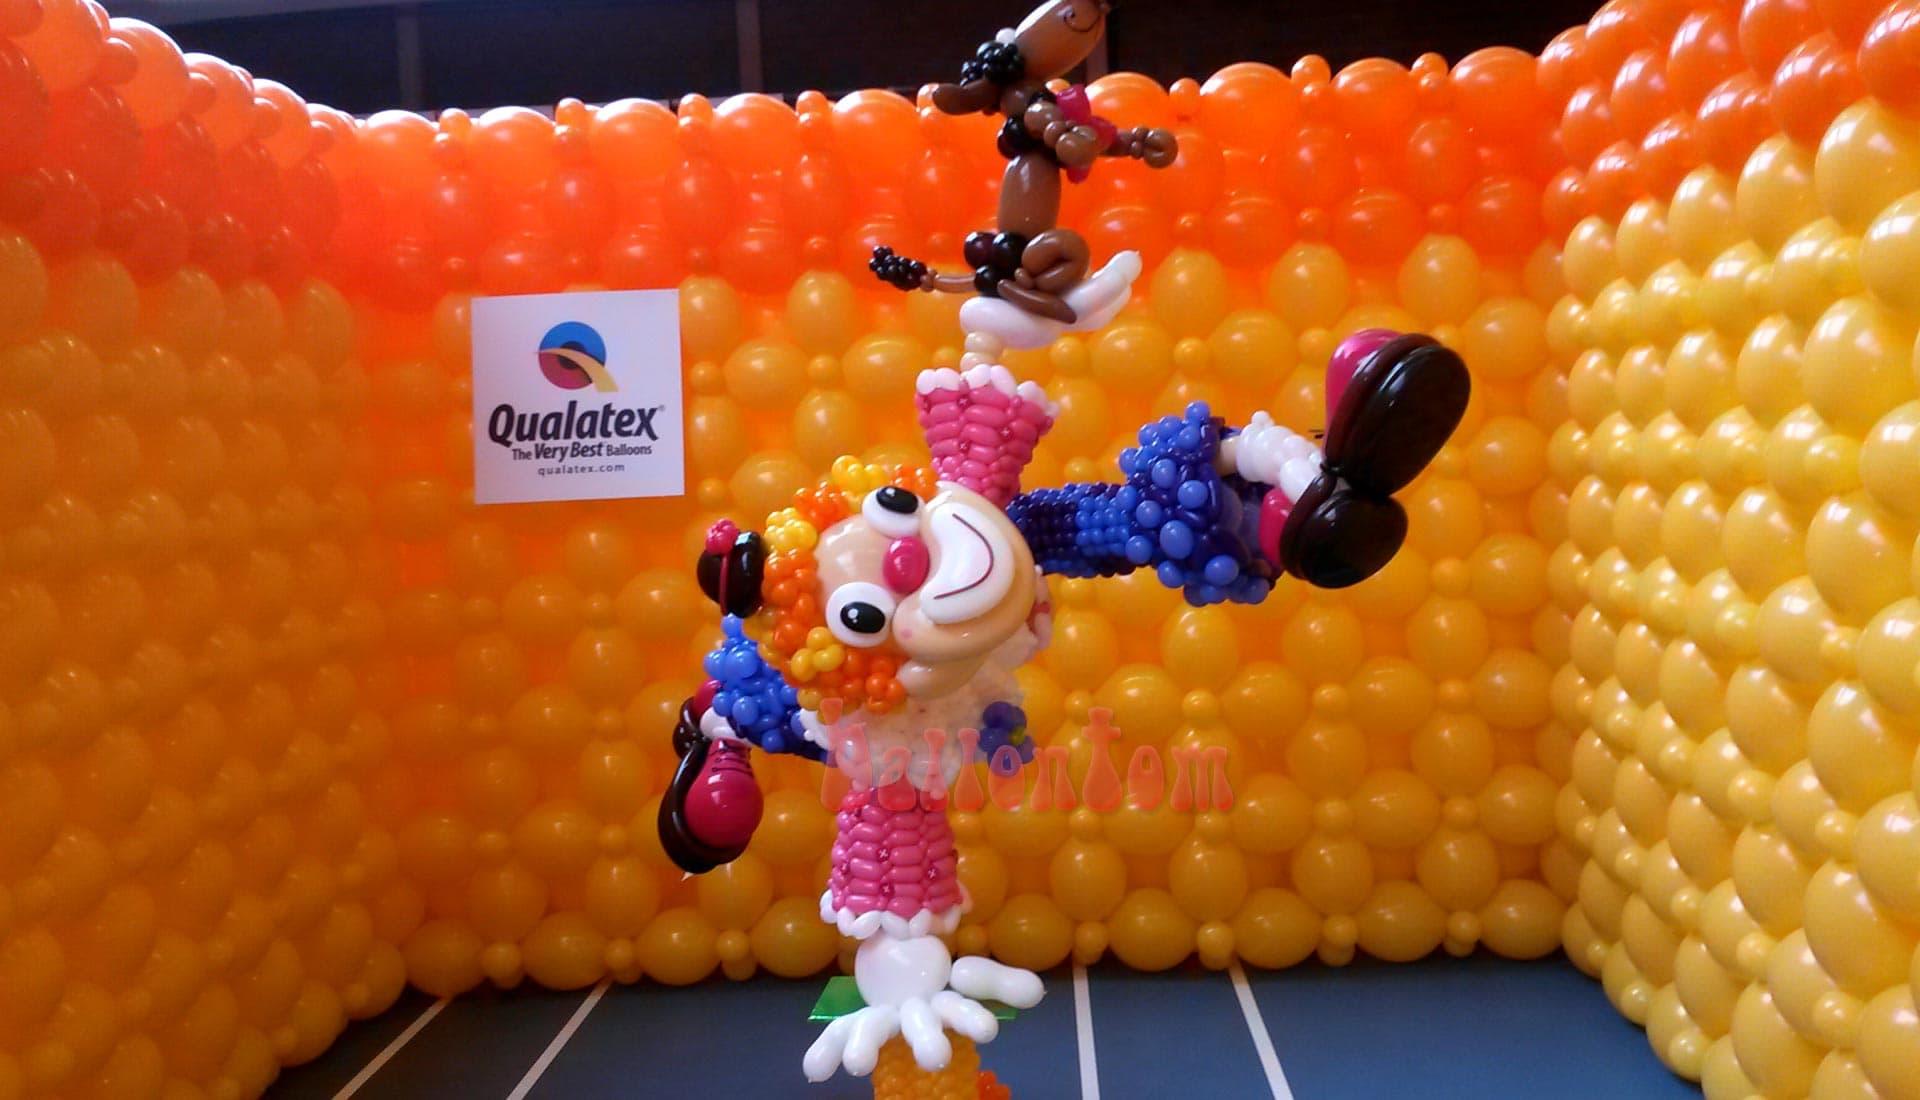 Weltrekord! Größtes Ballonlabyrinth mit über 100.000 Ballons mit ballontom - Clownfigur